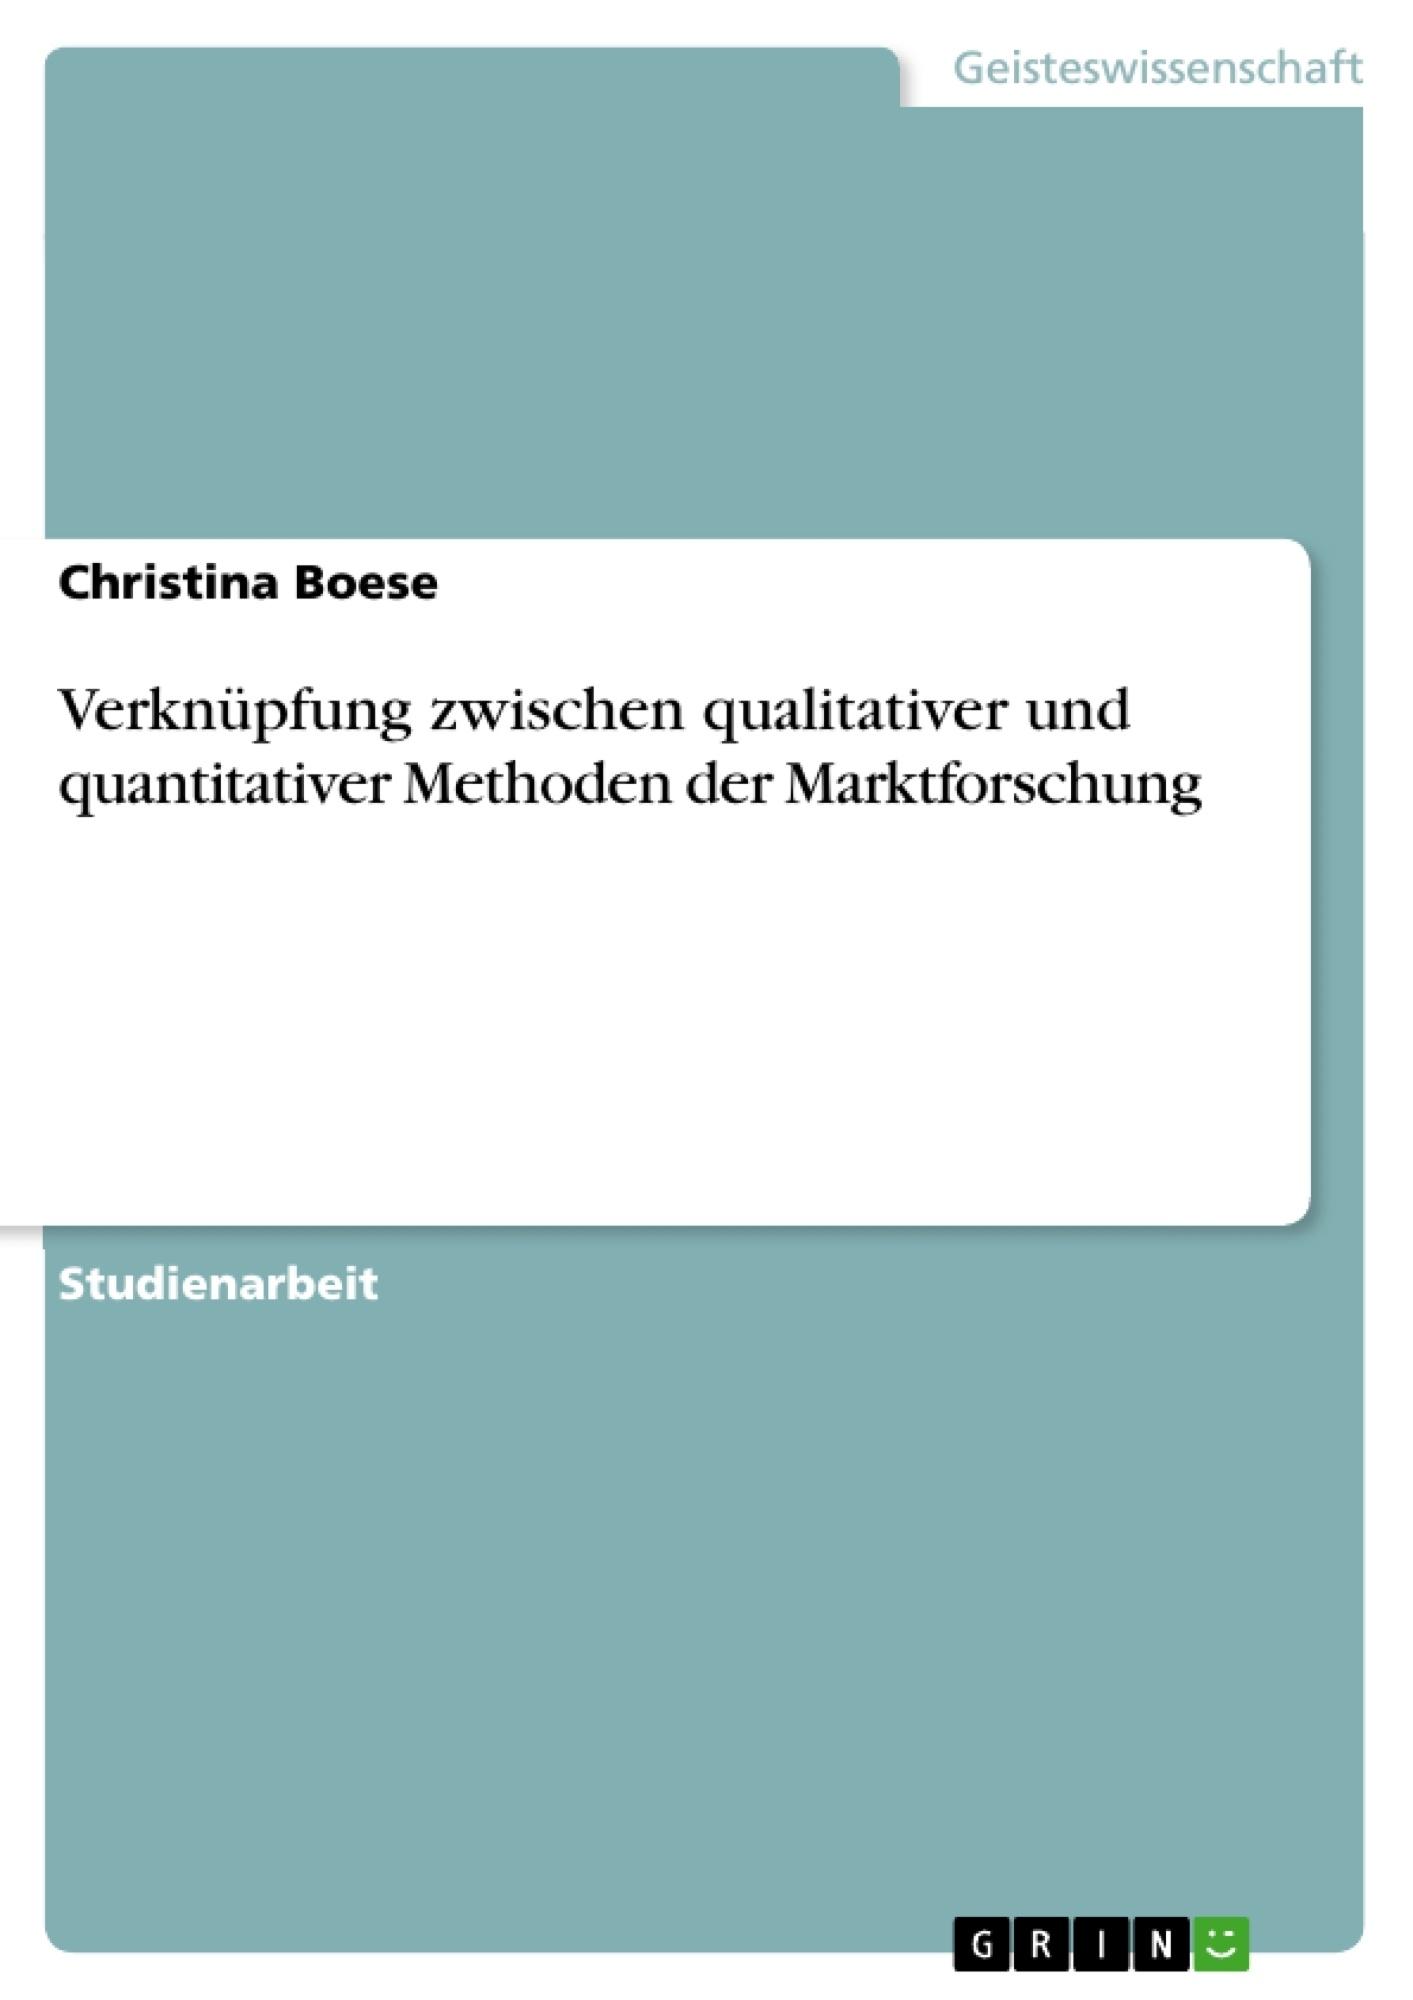 Titel: Verknüpfung zwischen qualitativer und quantitativer Methoden der Marktforschung